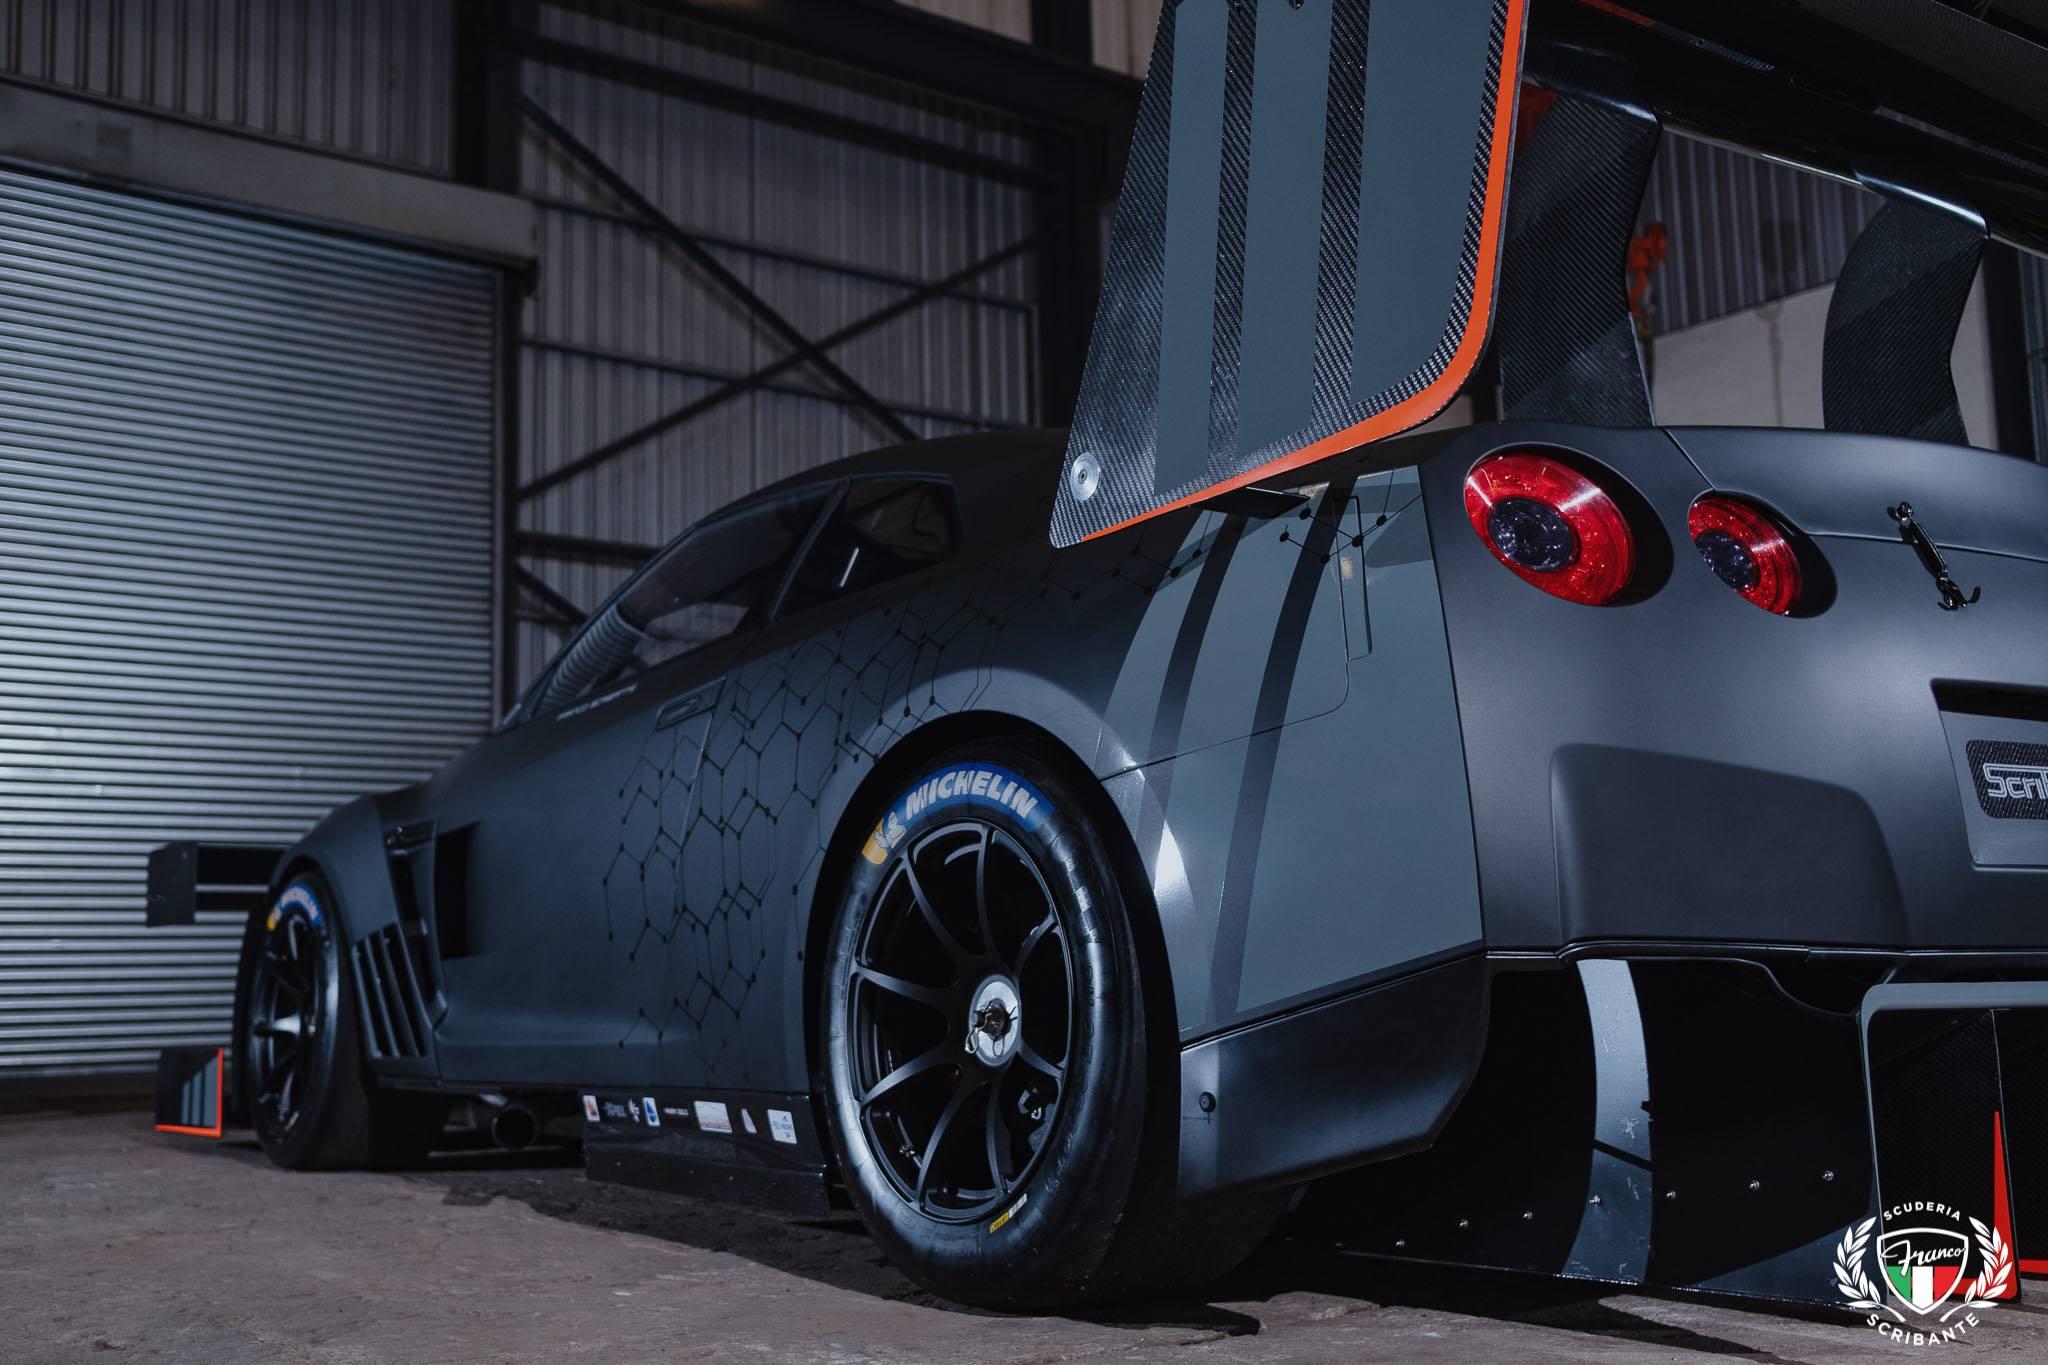 Nissan_GT-R_hillclimb_0015